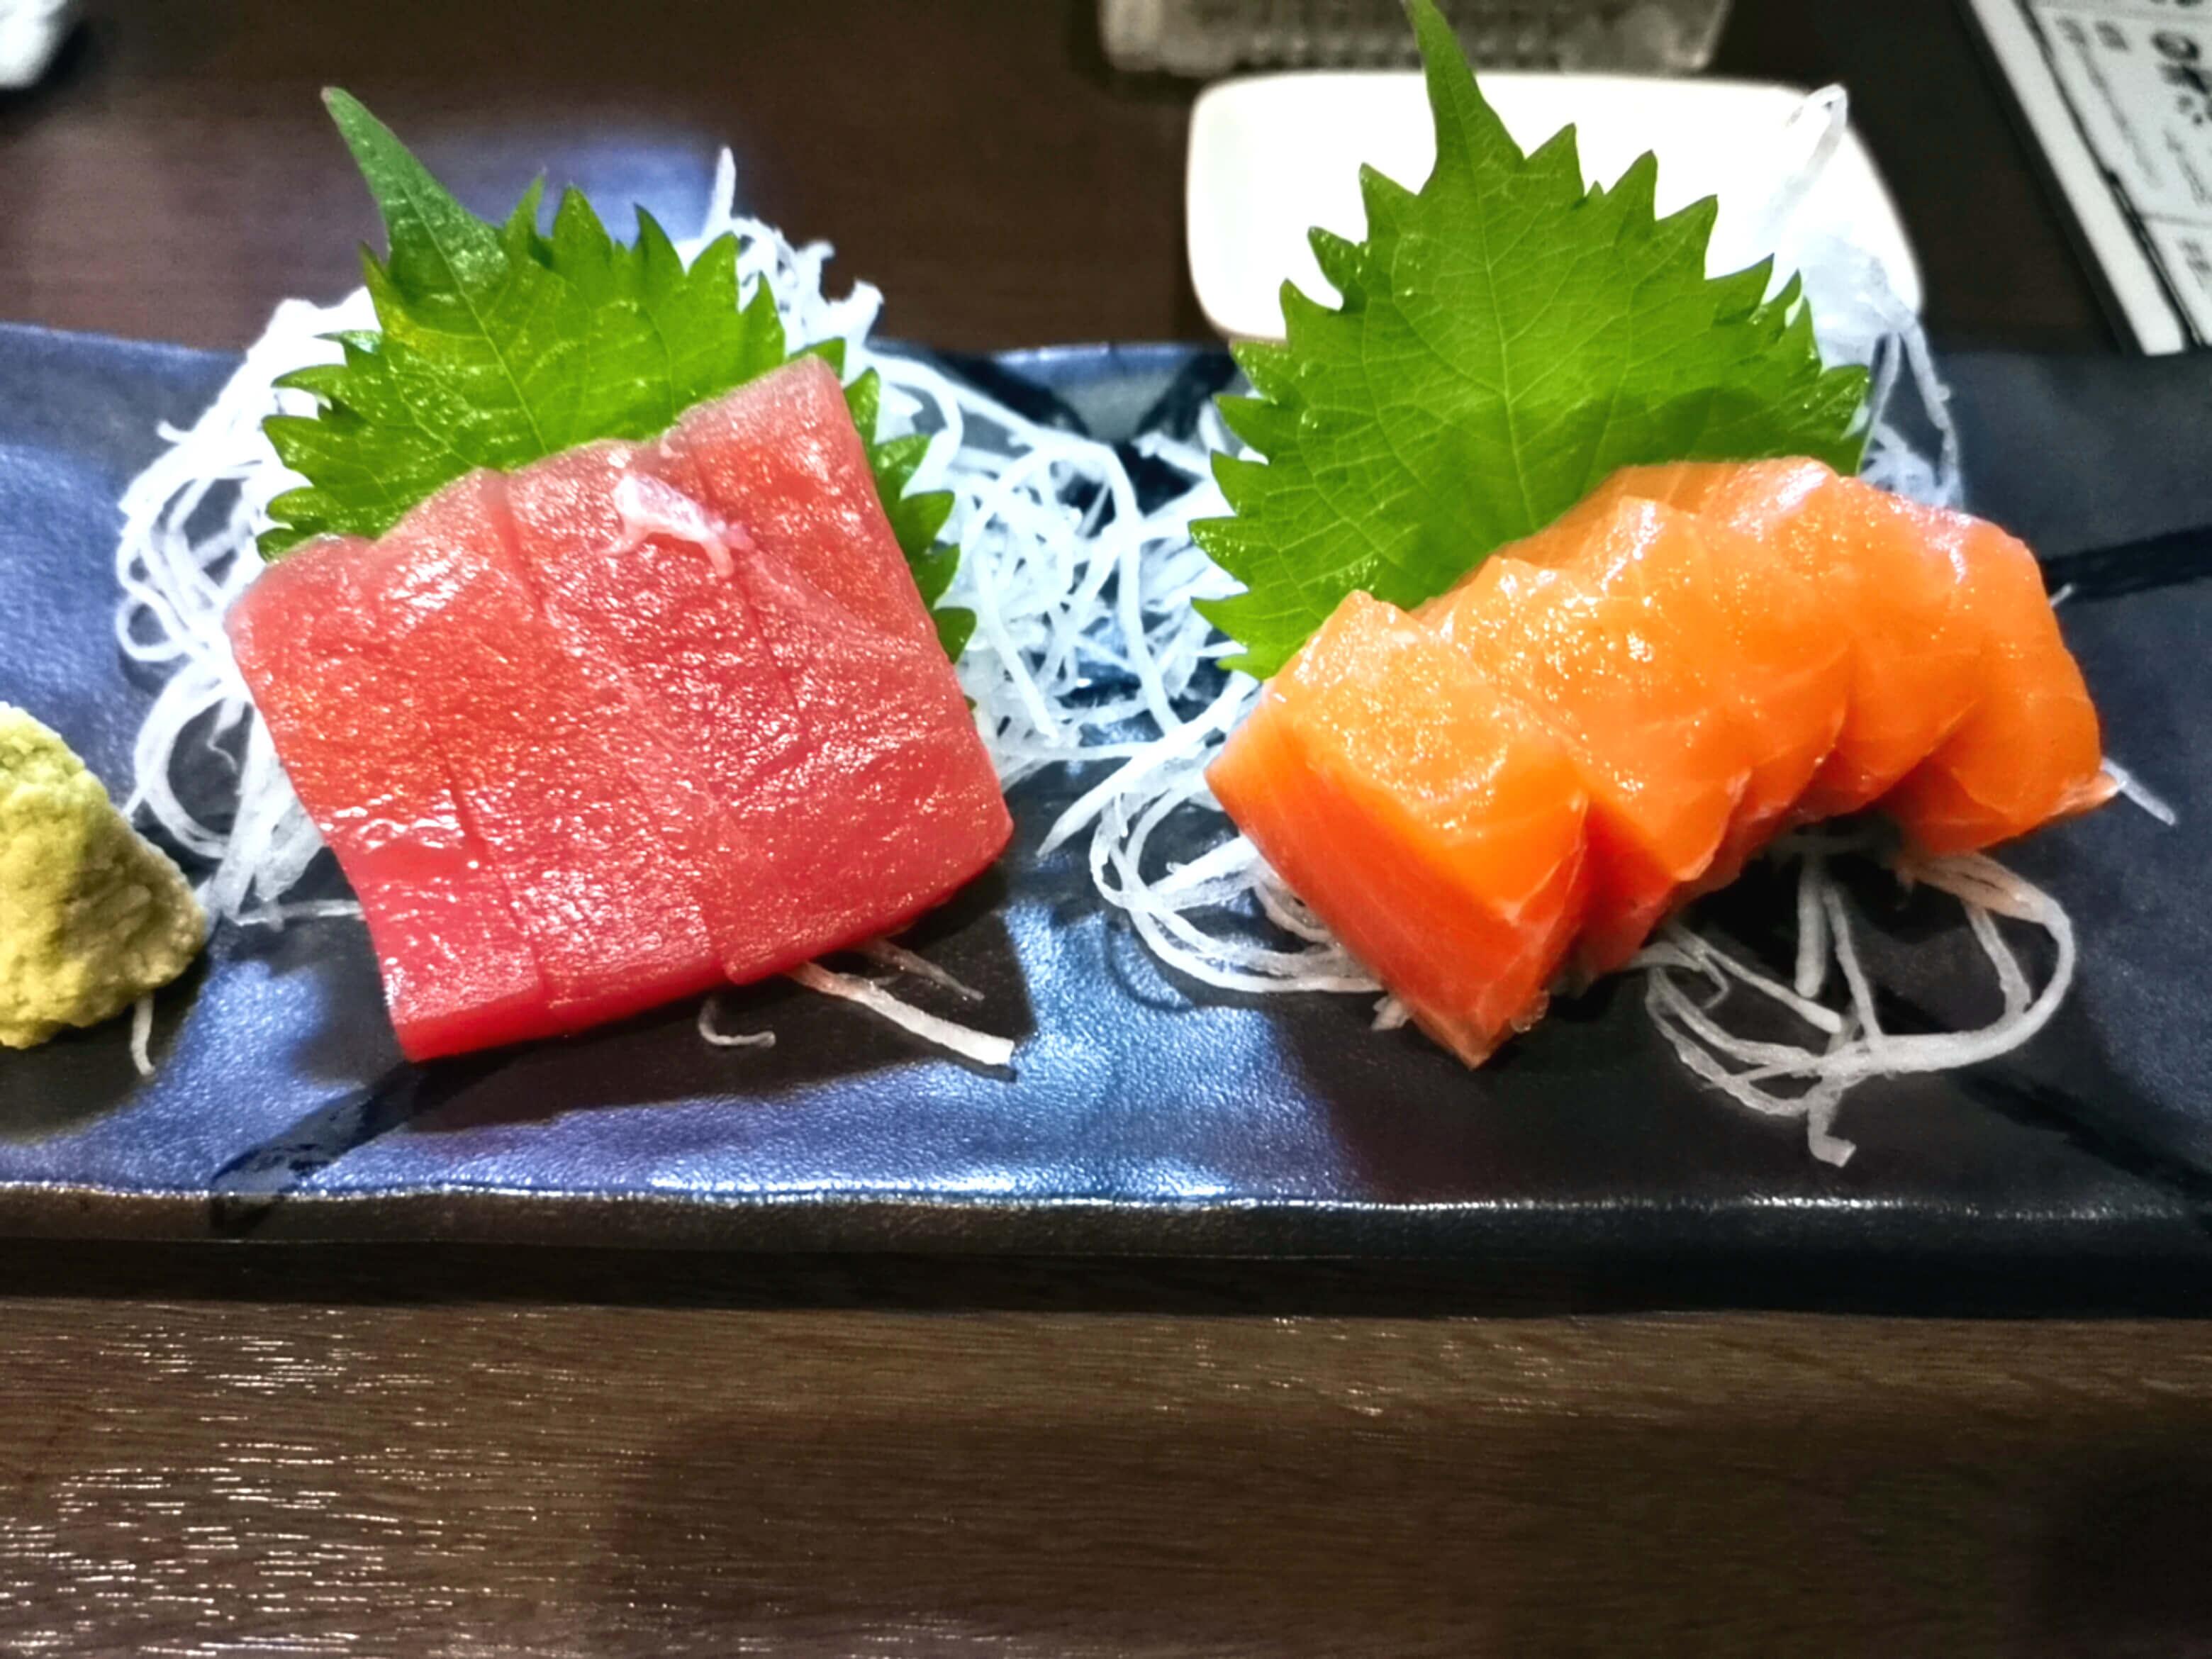 釧路居酒屋たぁマグロ300円サーモン300円